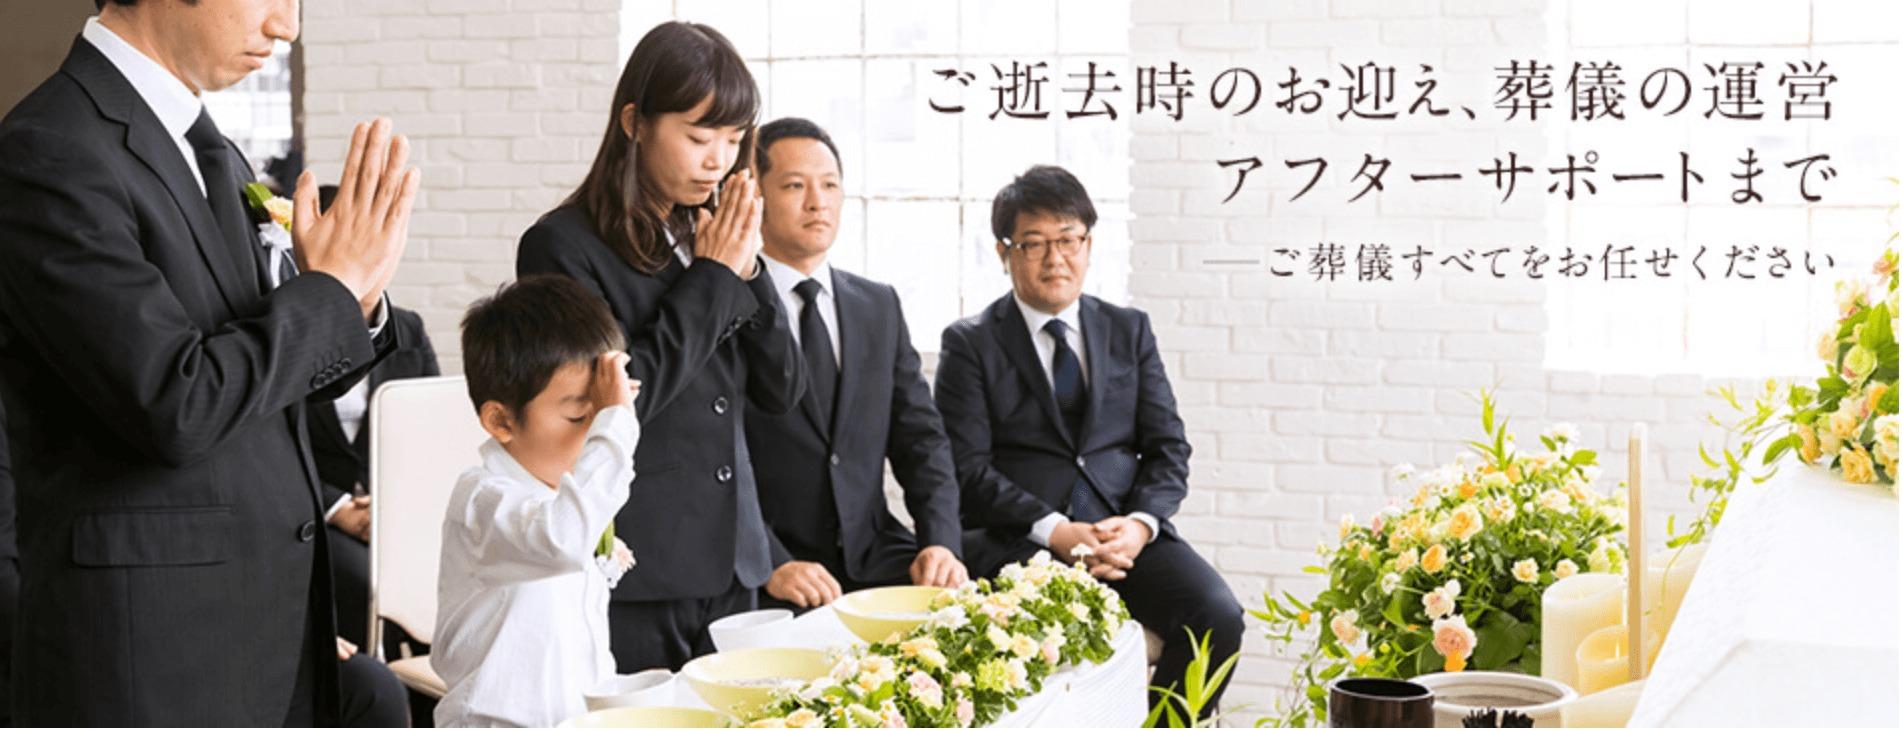 【日比谷花壇の葬儀の口コミ評判】花祭壇のお葬式に満足してる?